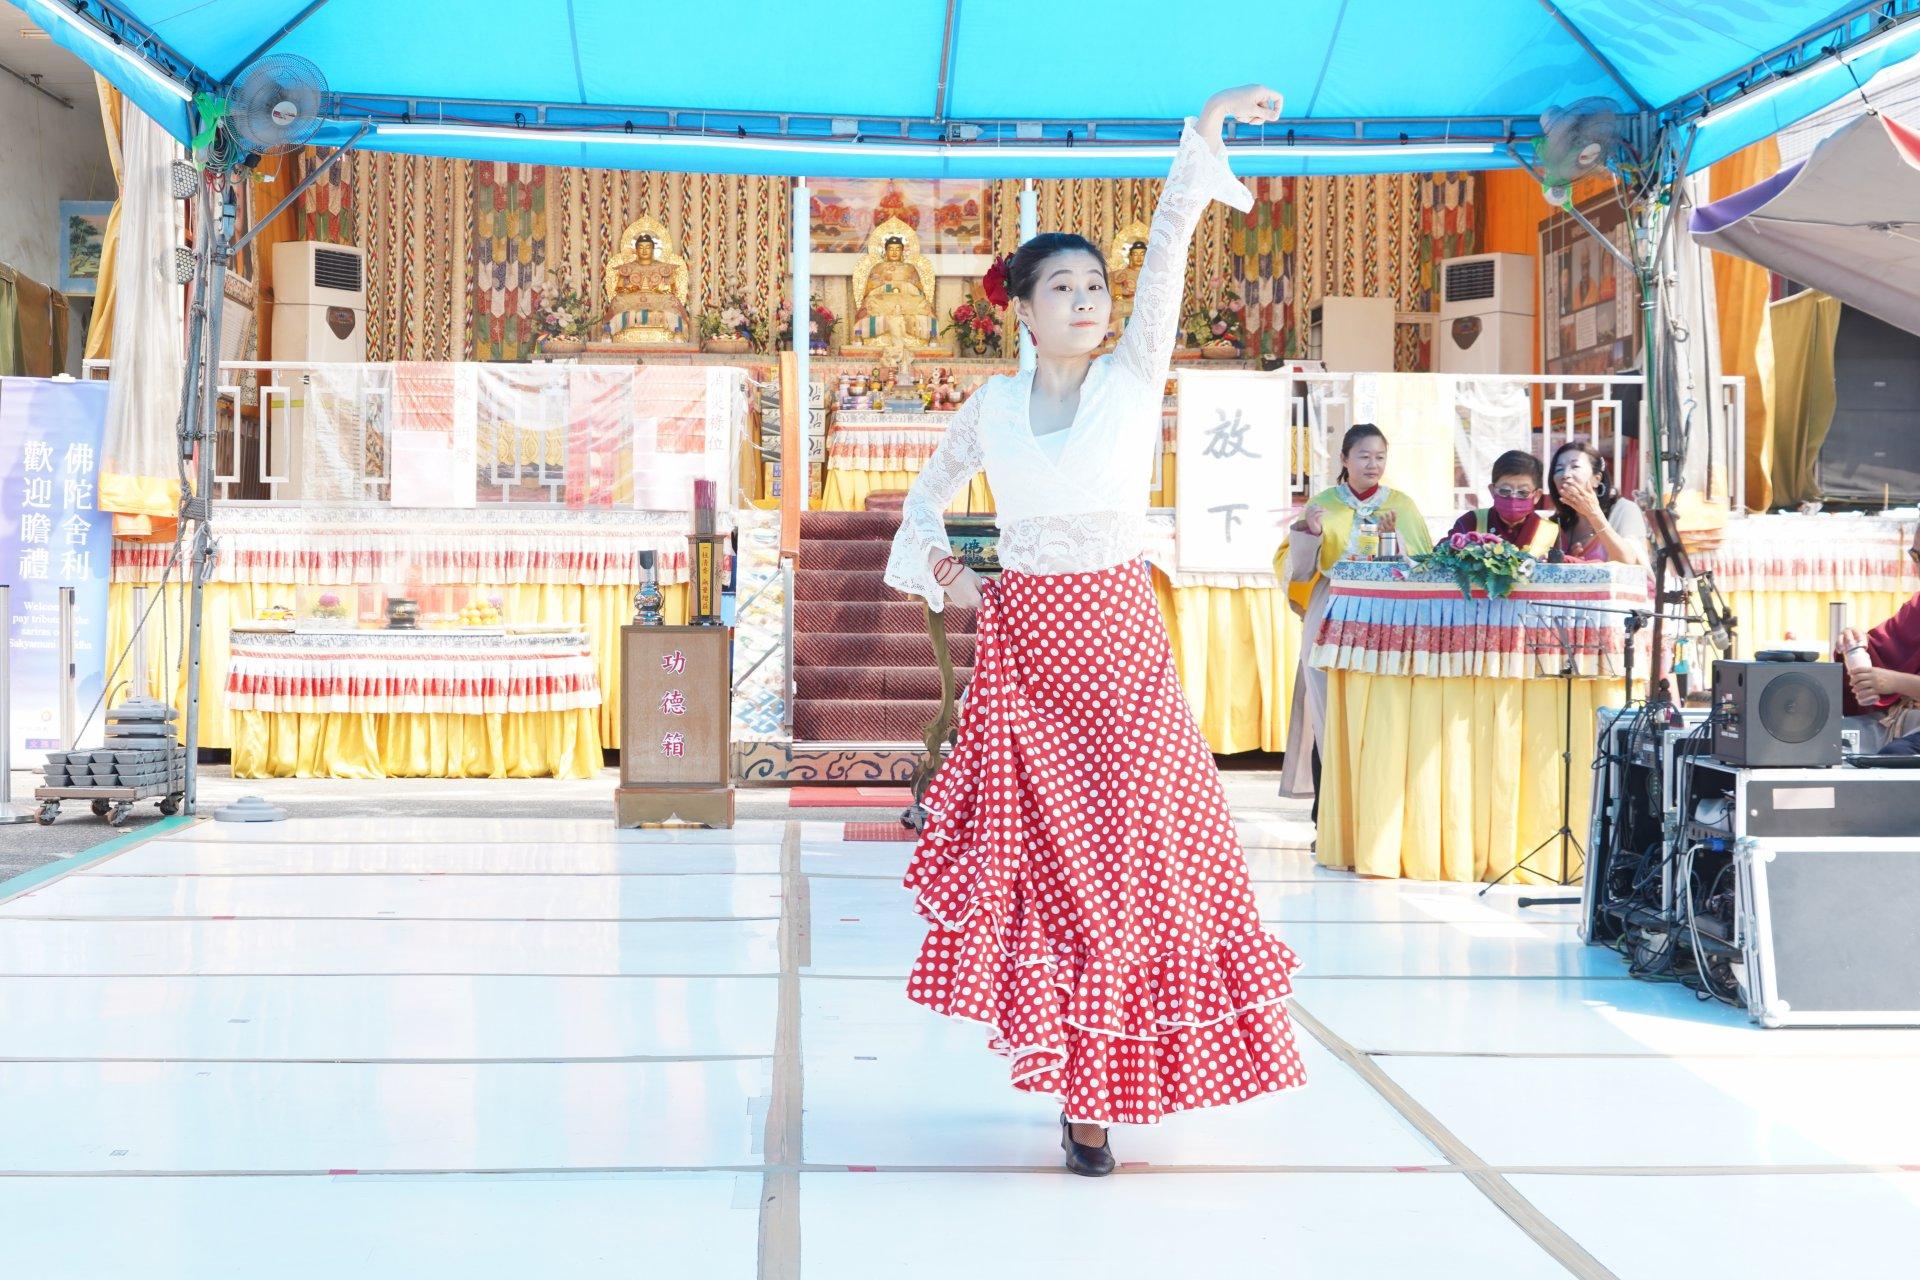 行動佛殿129站高雄永安,正心舞團劉亭孜佛朗明哥舞蹈公益演出